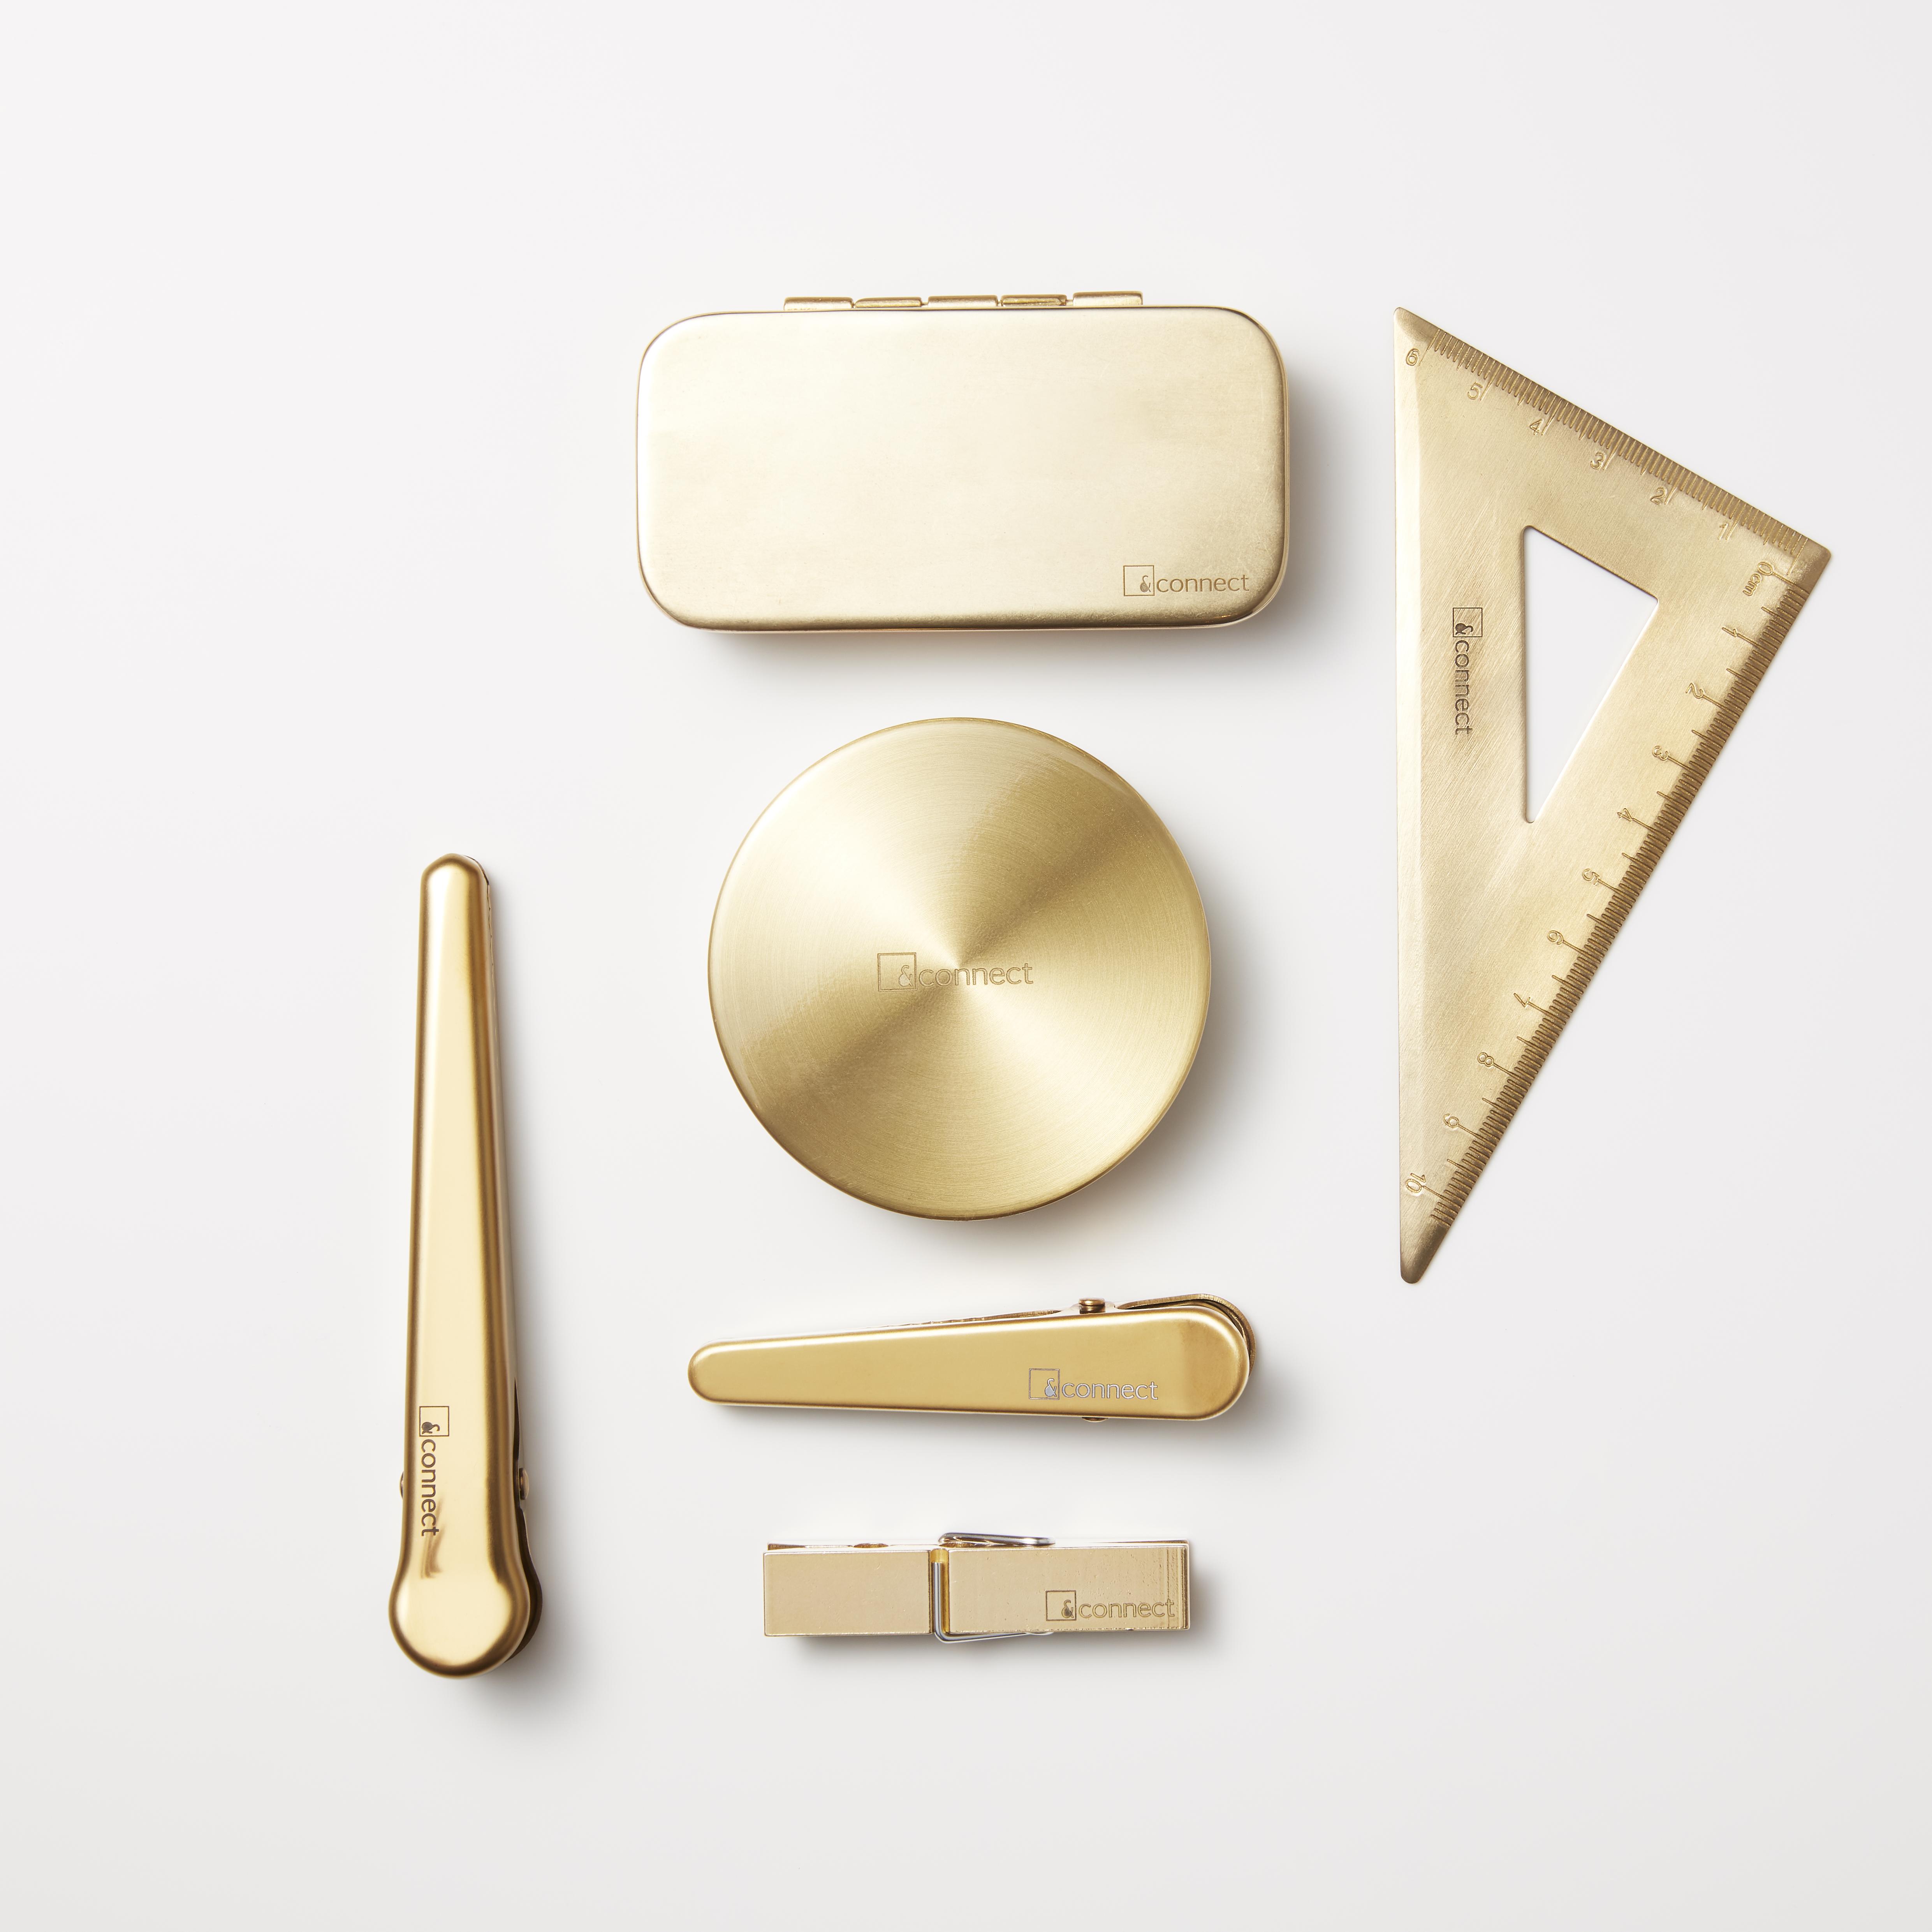 &connectオリジナル真鍮アイテム